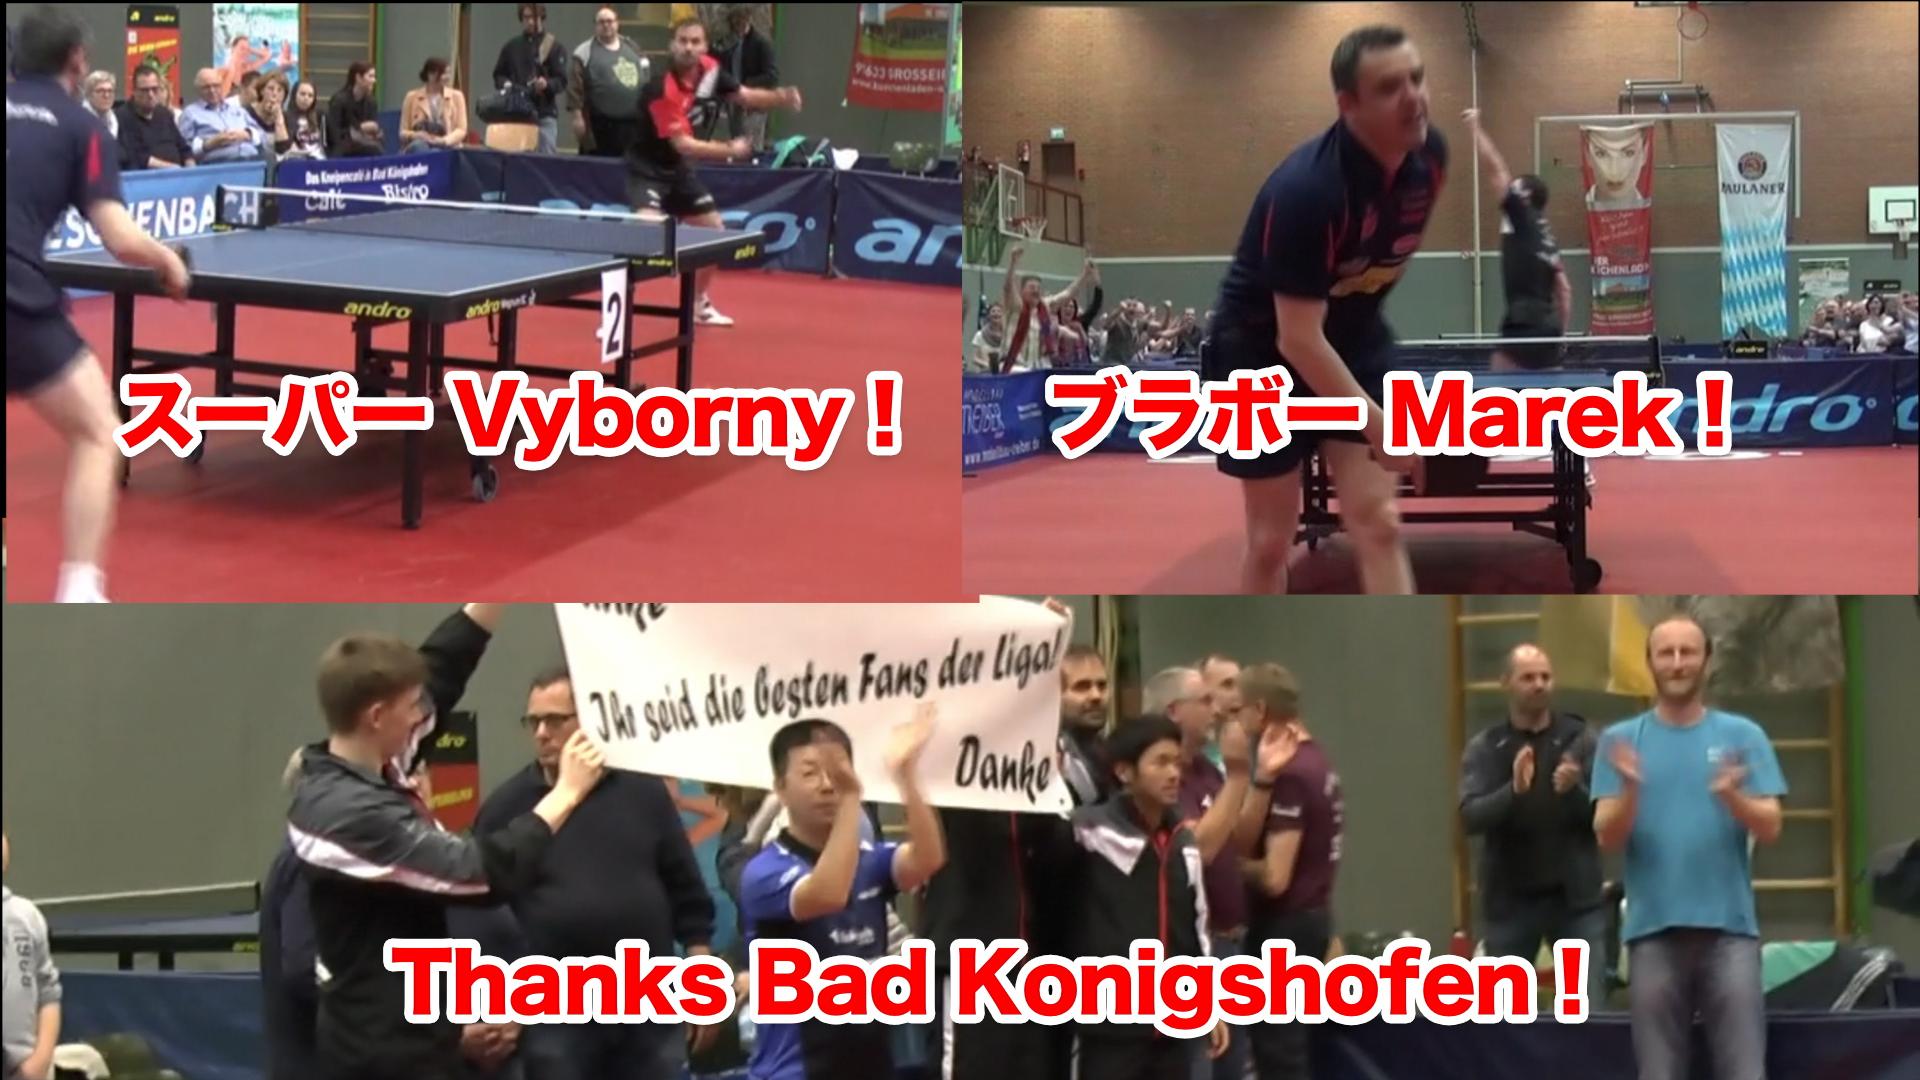 2016/17 シーズン終了。サンキュー Vyborny!サンキュー Marek!